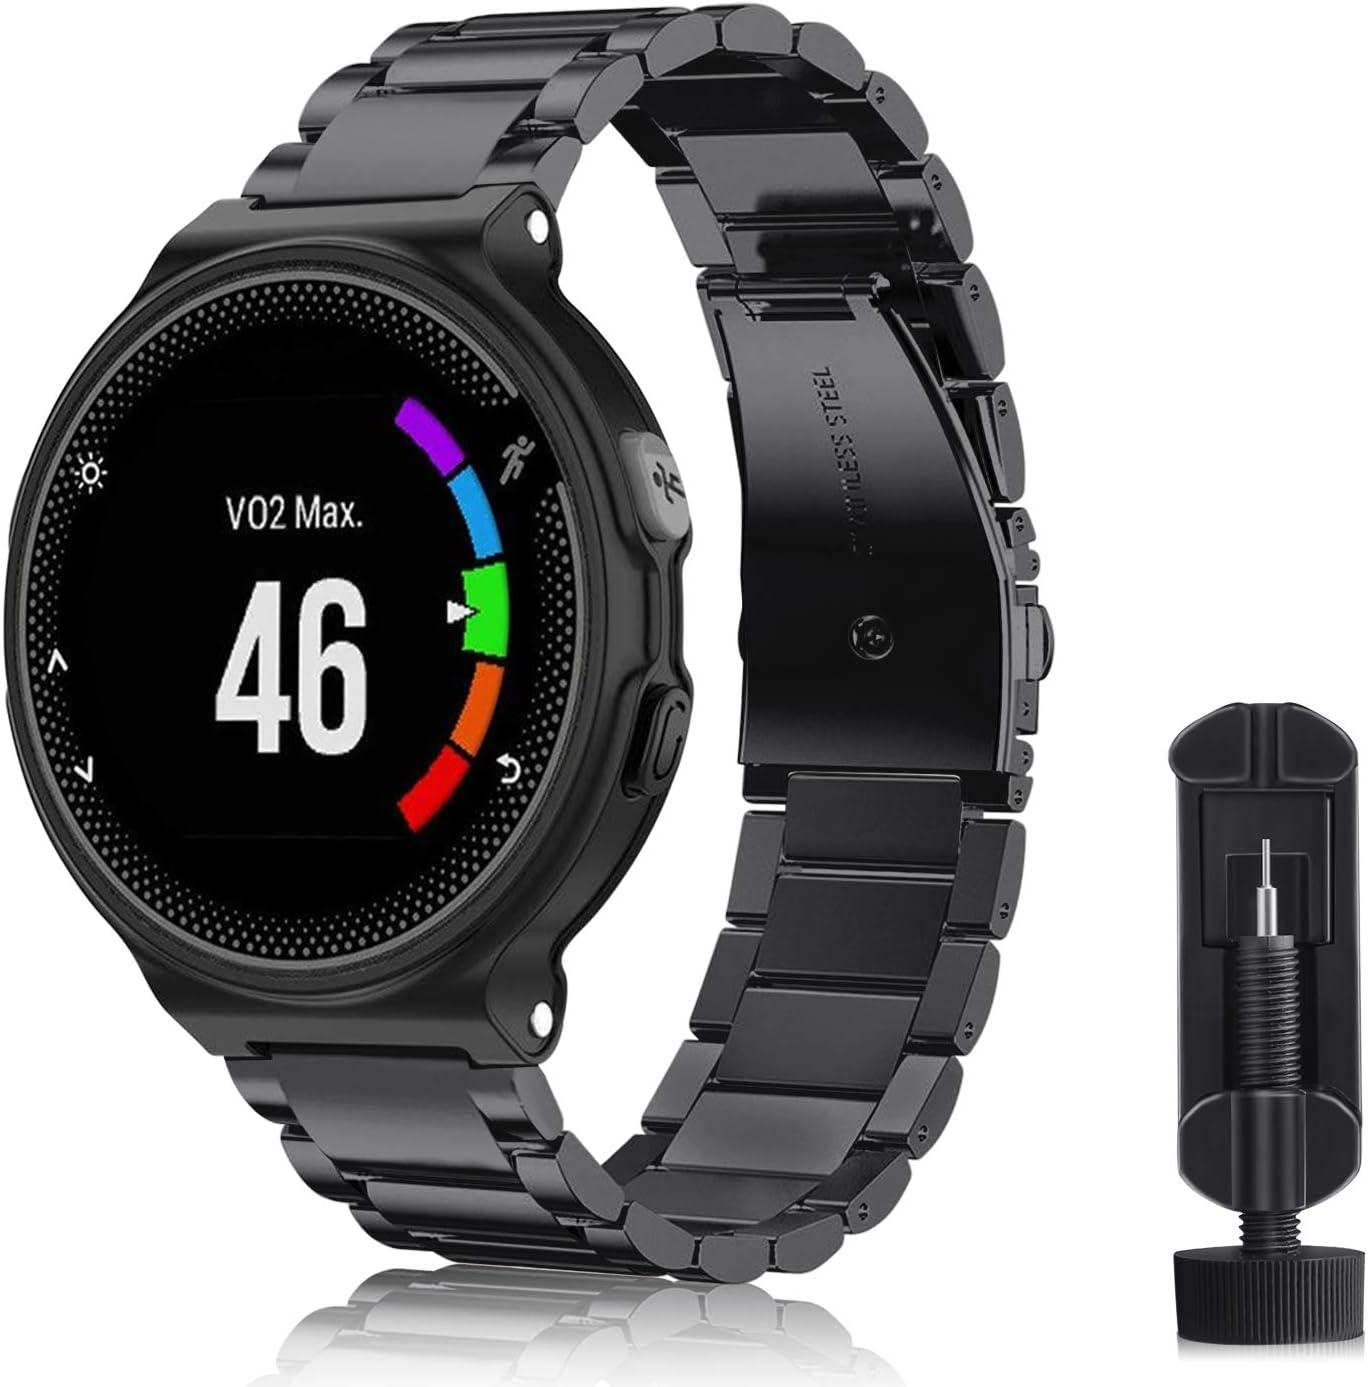 Keesin Bracelet de rechange en silicone pour montre de sport Garmin Forerunner 920XT avec vis dorigine et outil de d/ésassemblage